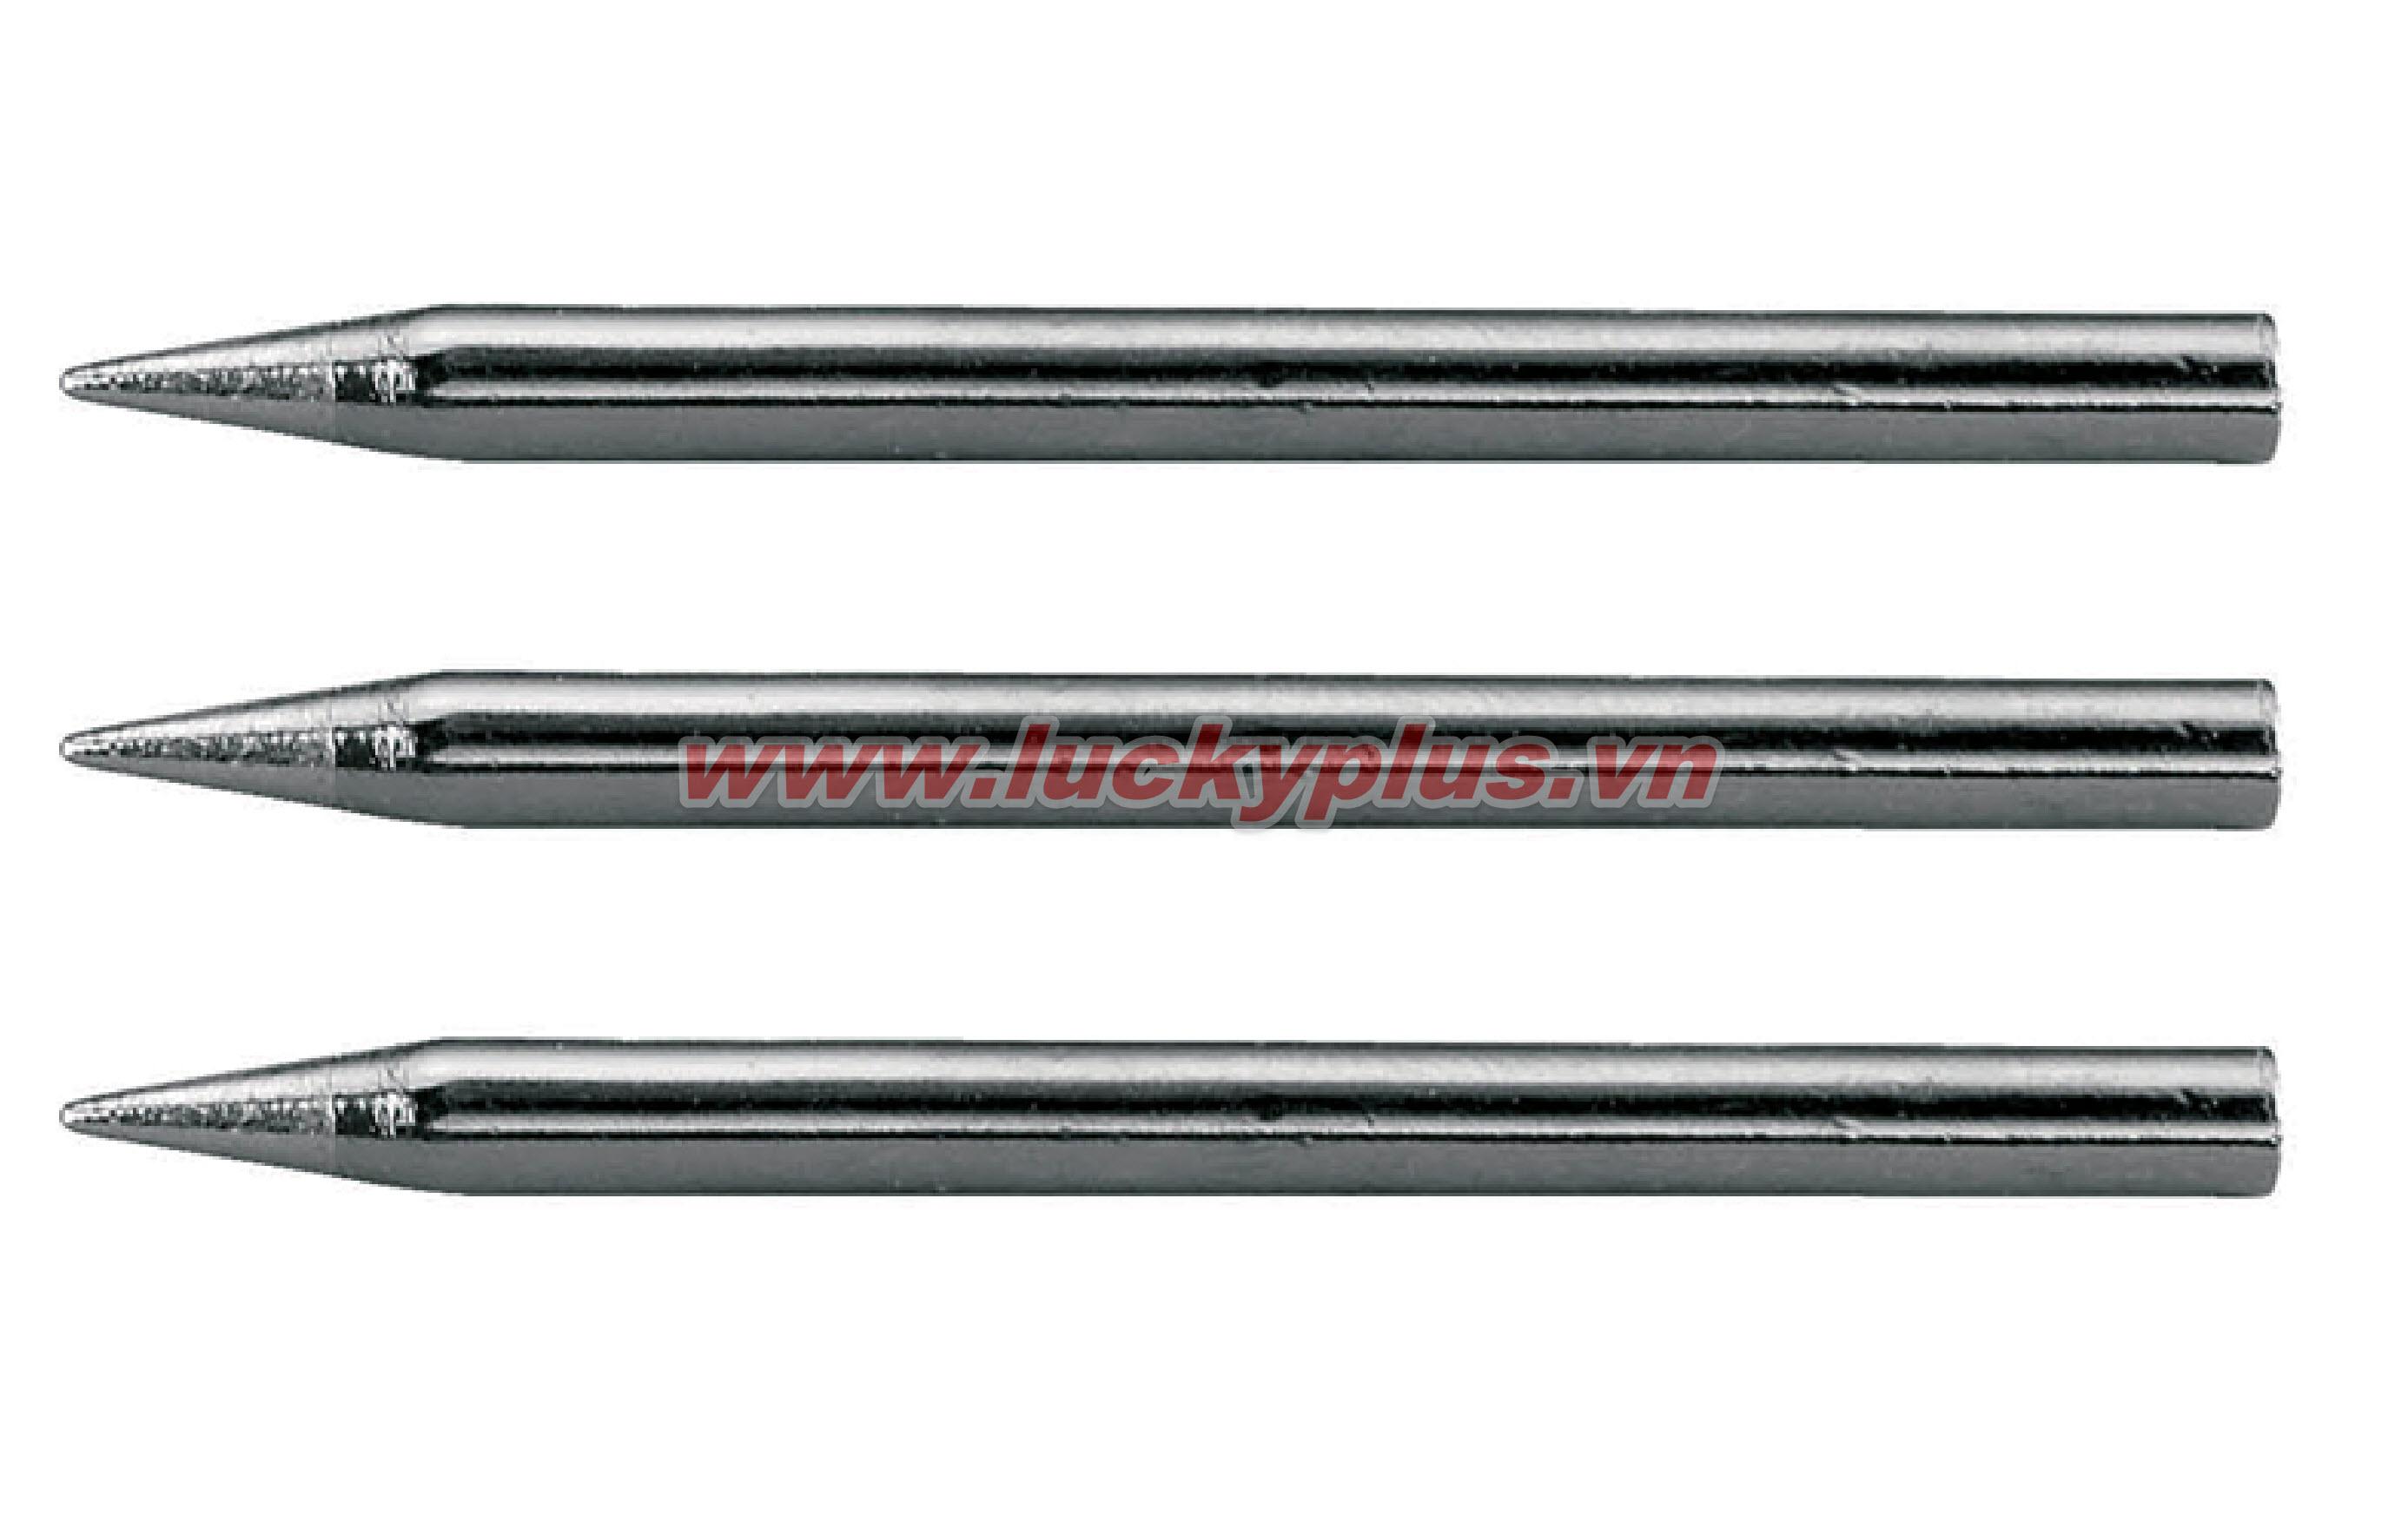 Đầu bịt bằng sắt FiveSheep FS-0230W 30W, FS-0240W 40W, FS-0250W 50W